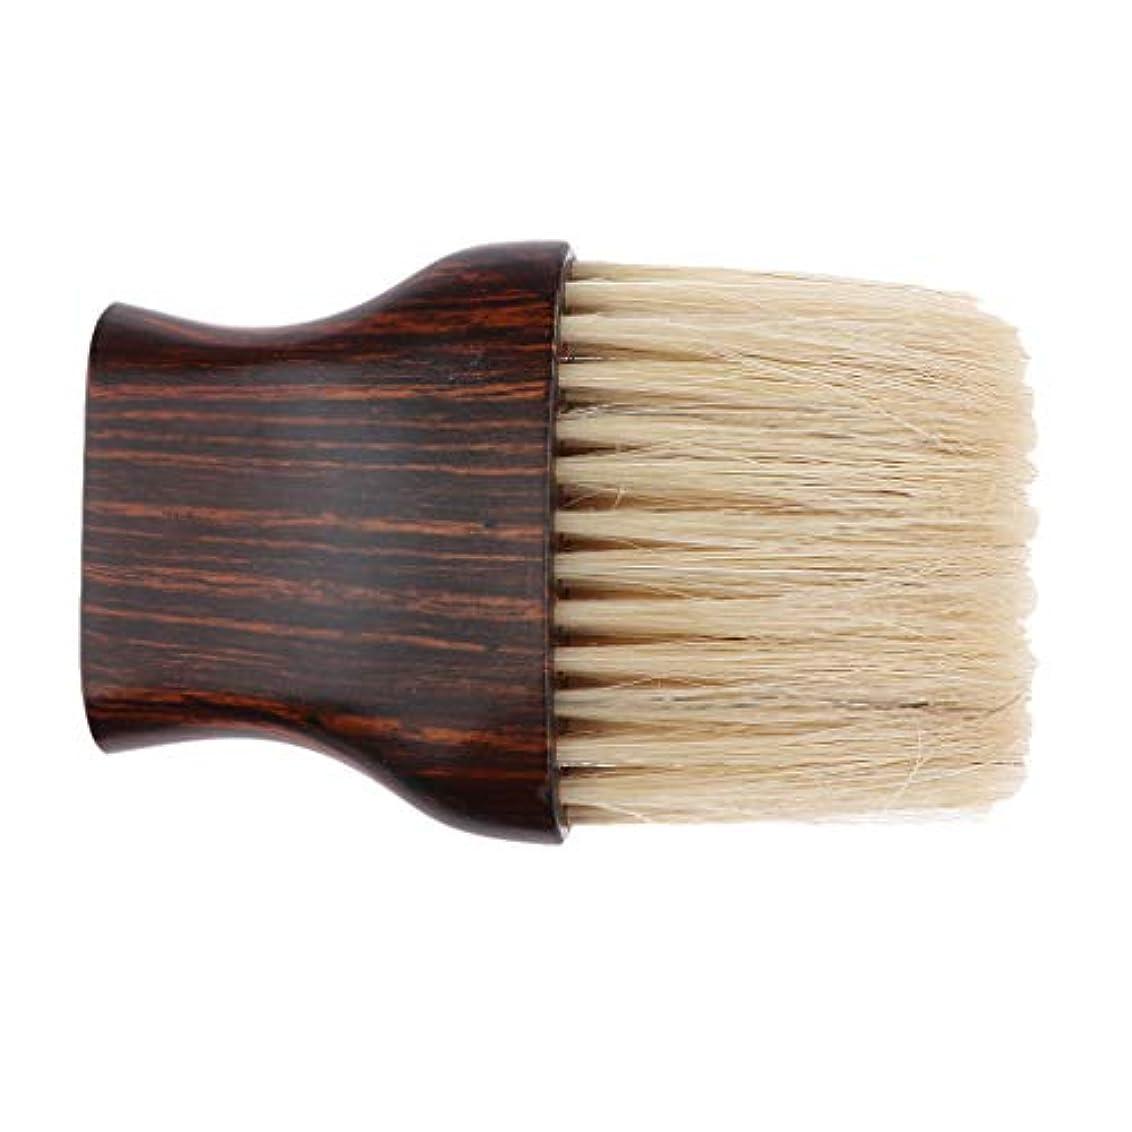 争う先史時代の推論ヘアブラシ 毛払いブラシ 木製ハンドル 散髪 髪切り 散髪用ツール 理髪店 美容院 ソフトブラシ